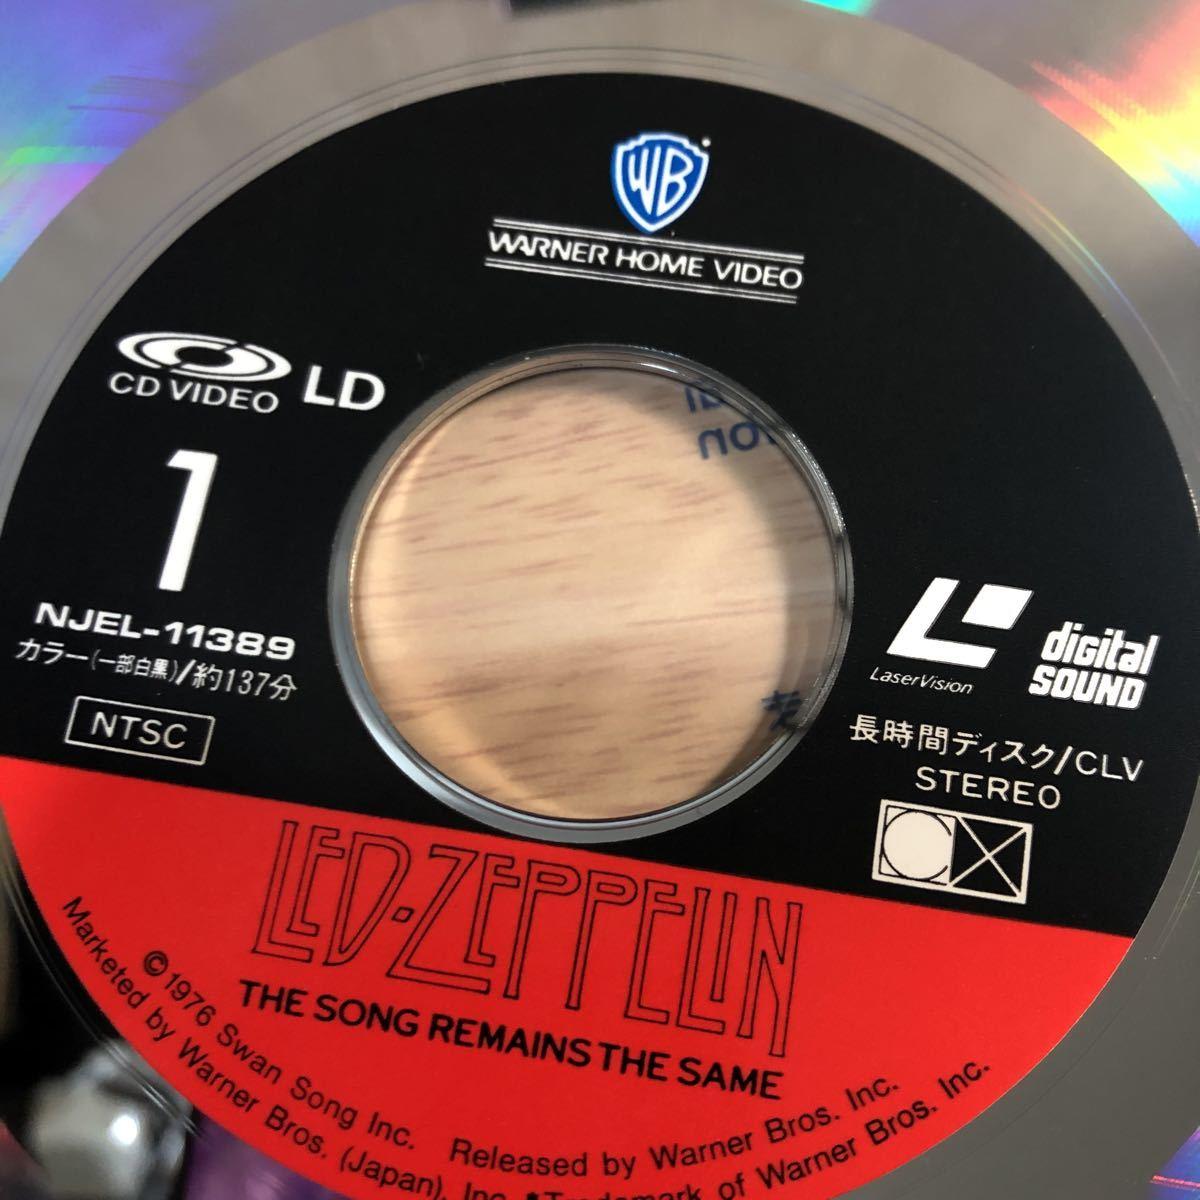 レーザーディスク★ロック ★レッドツェッペリン★ 狂熱のライヴ LED ZEPPELIN THE SONG REMAINS THE SAME_画像5